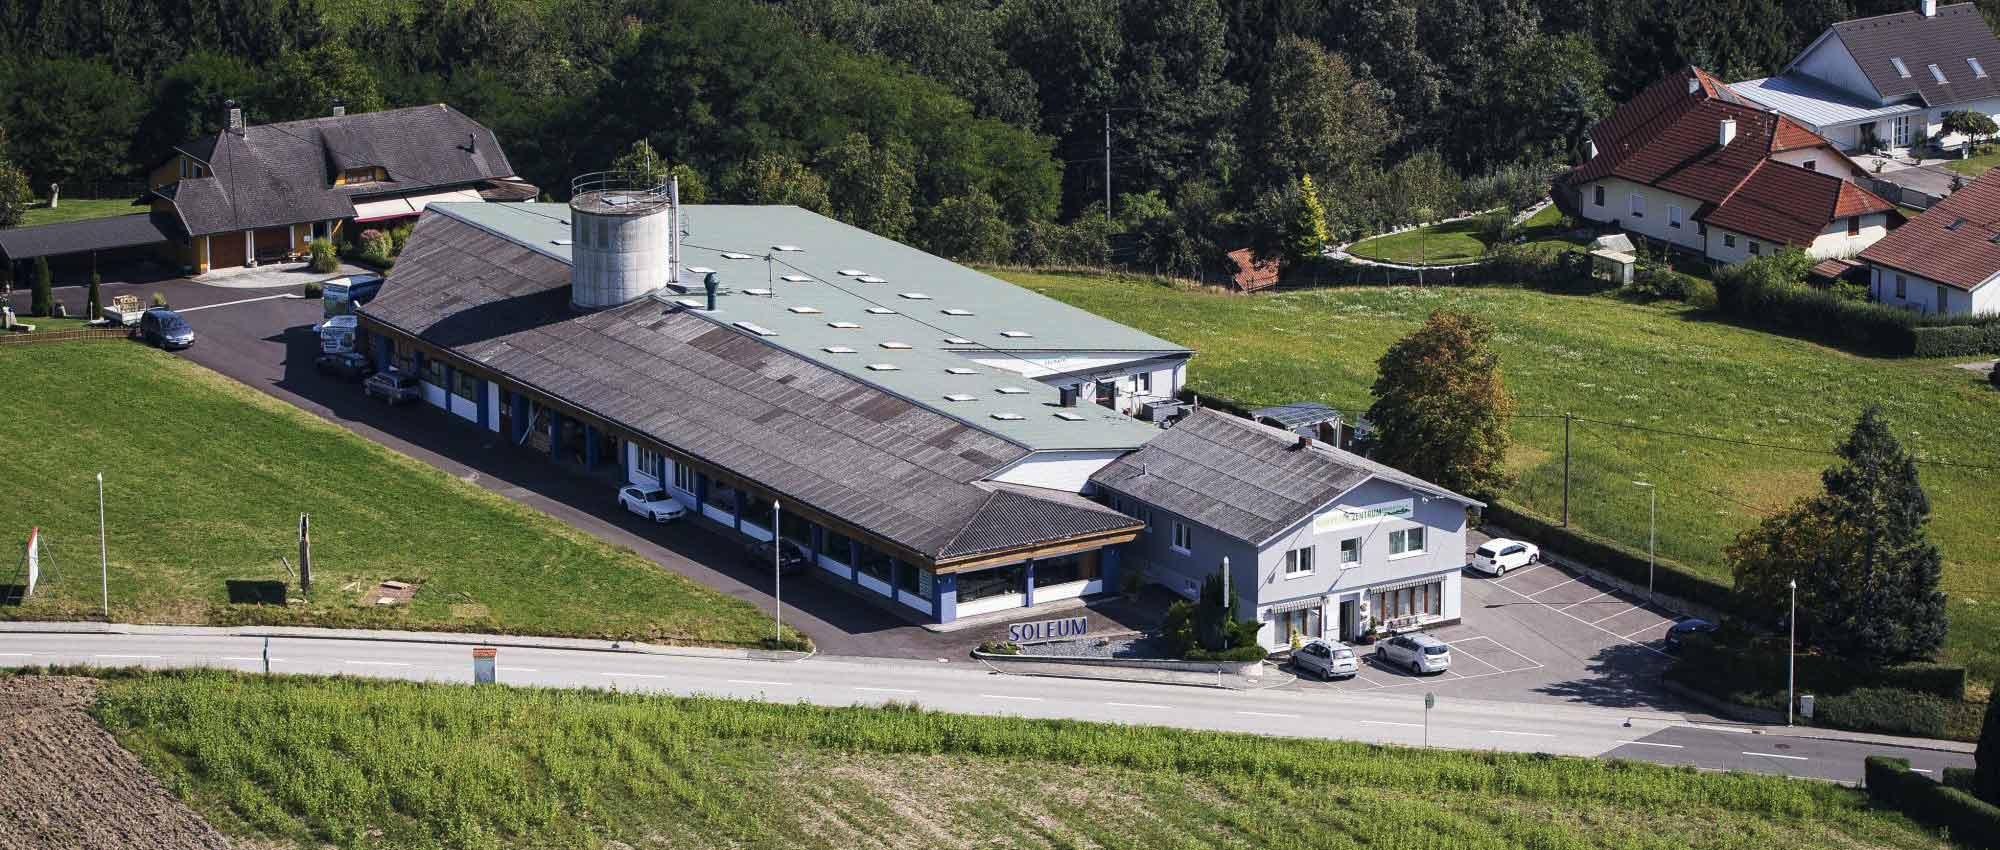 Soleum-GmbH Austrija